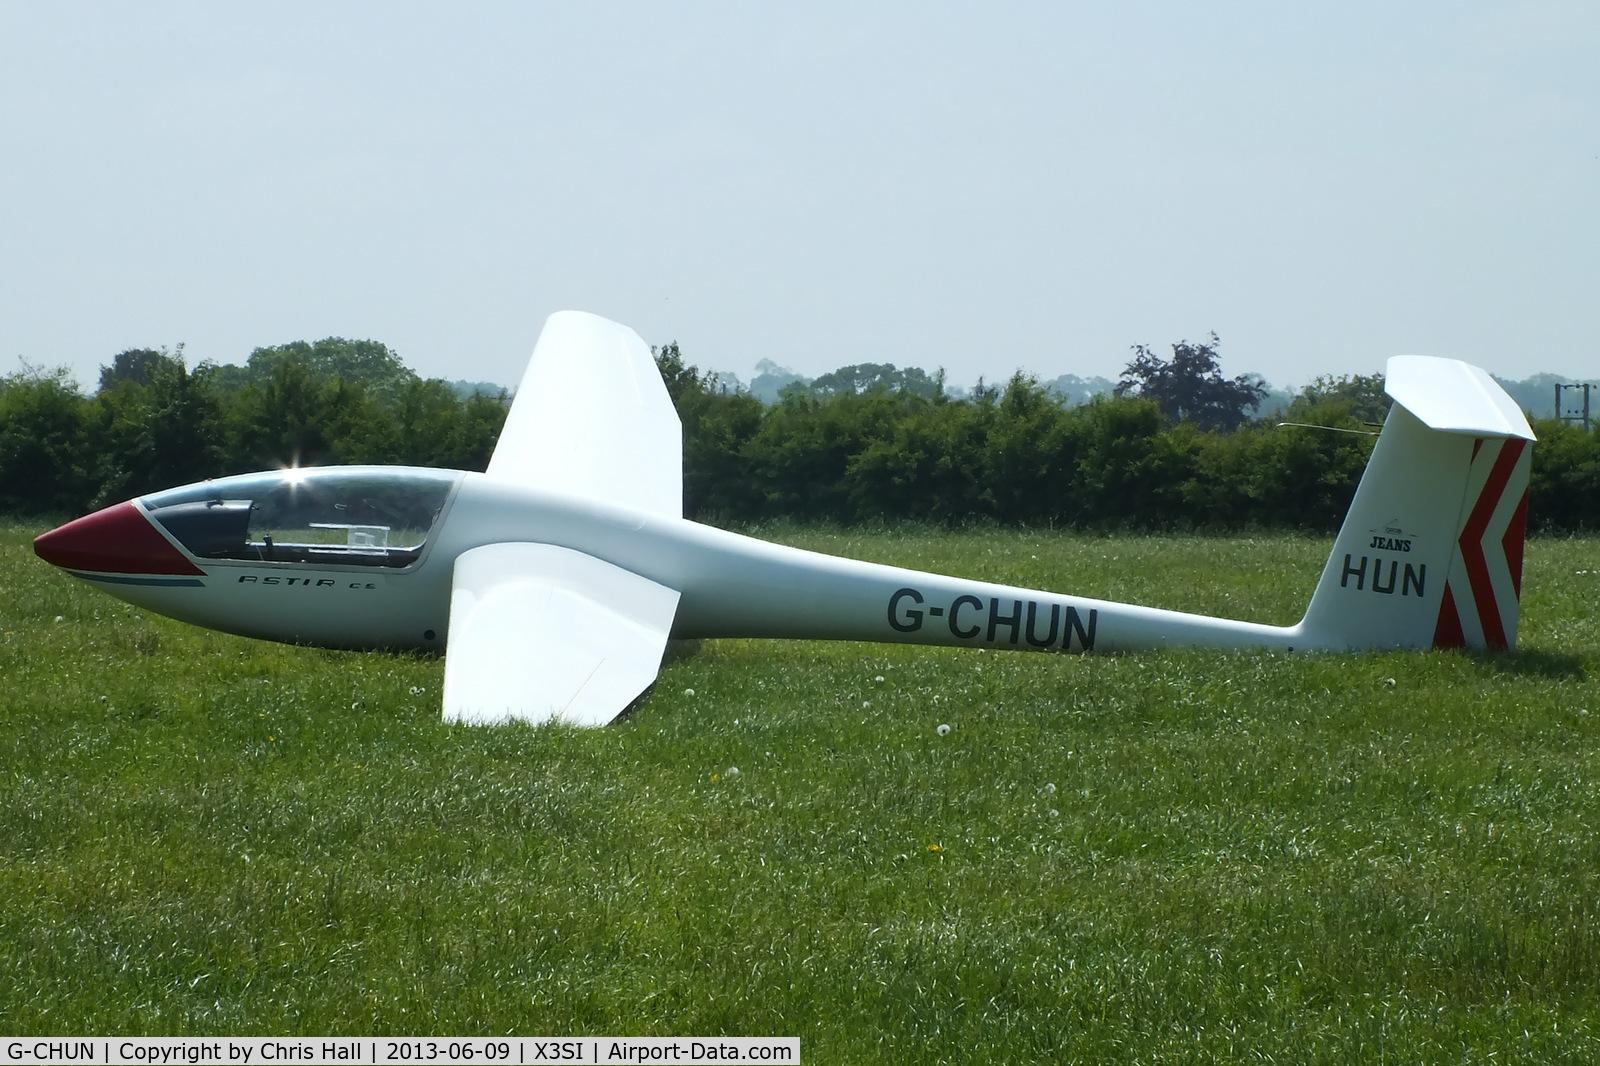 G-CHUN, 1978 Grob G-102 Astir CS Jeans C/N 2089, Staffordshire Gliding Club, Seighford Airfield